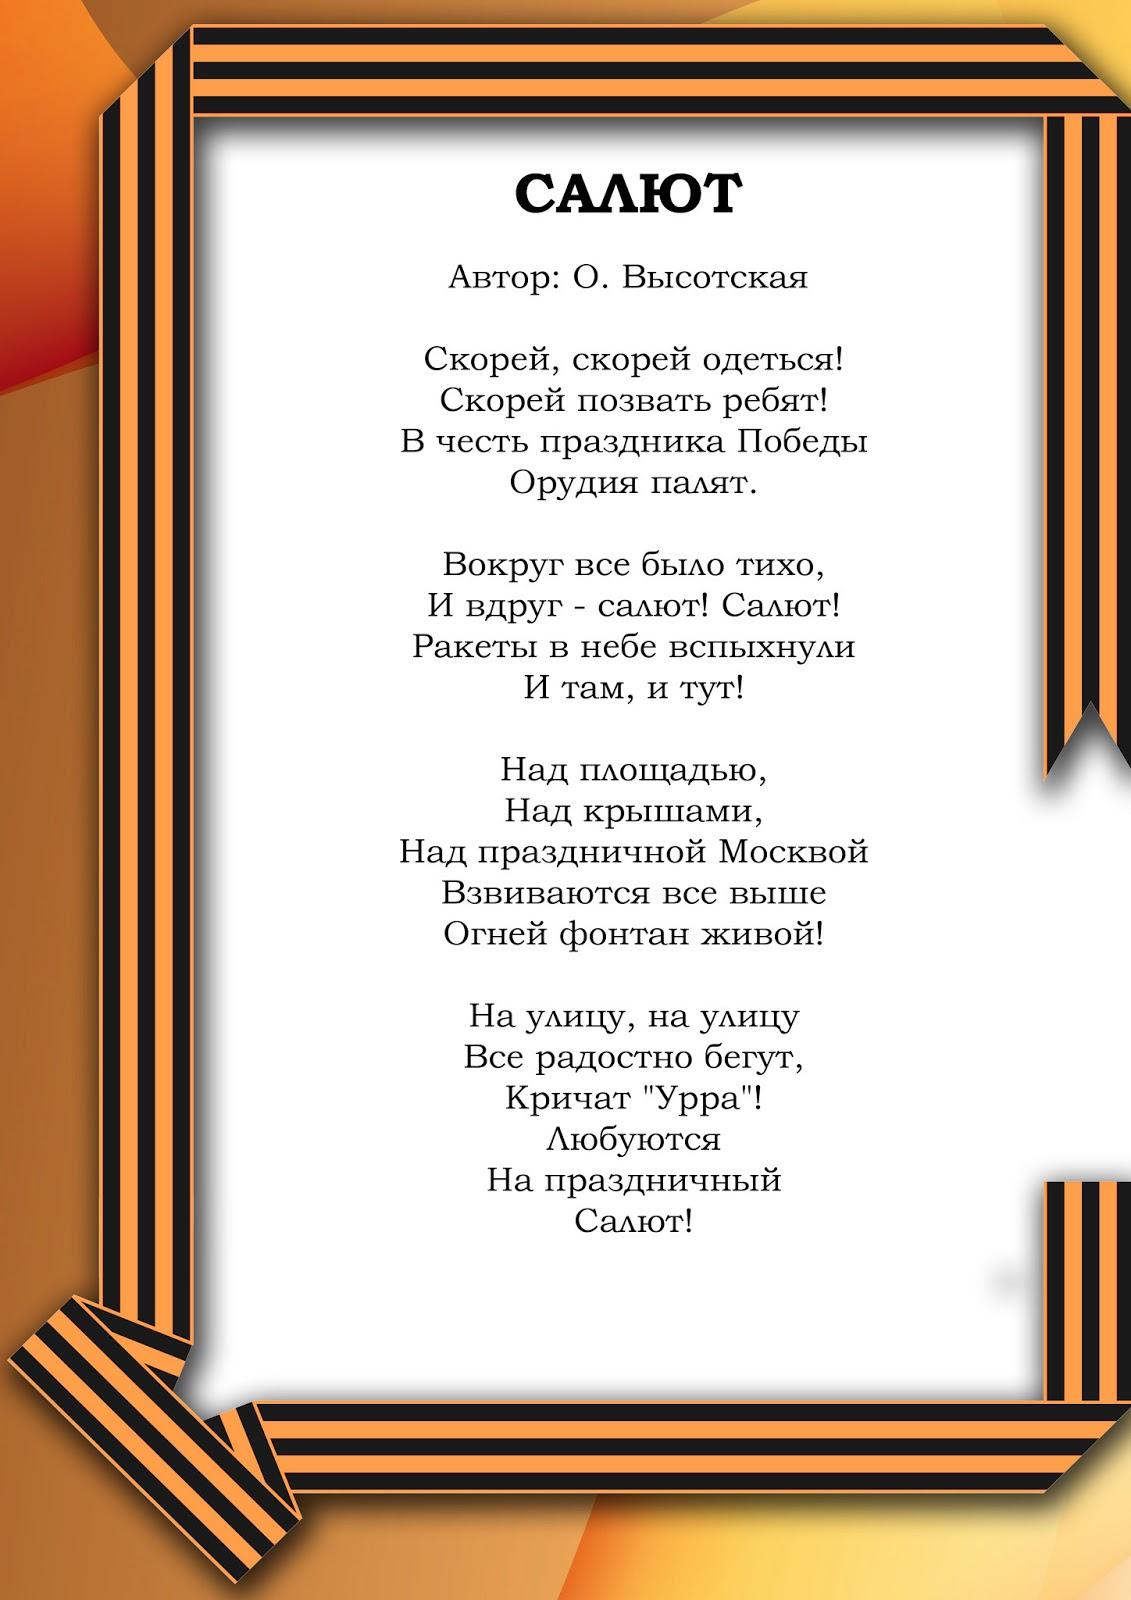 стихи для учащихся начальных классов ко дню победы податься столице, если